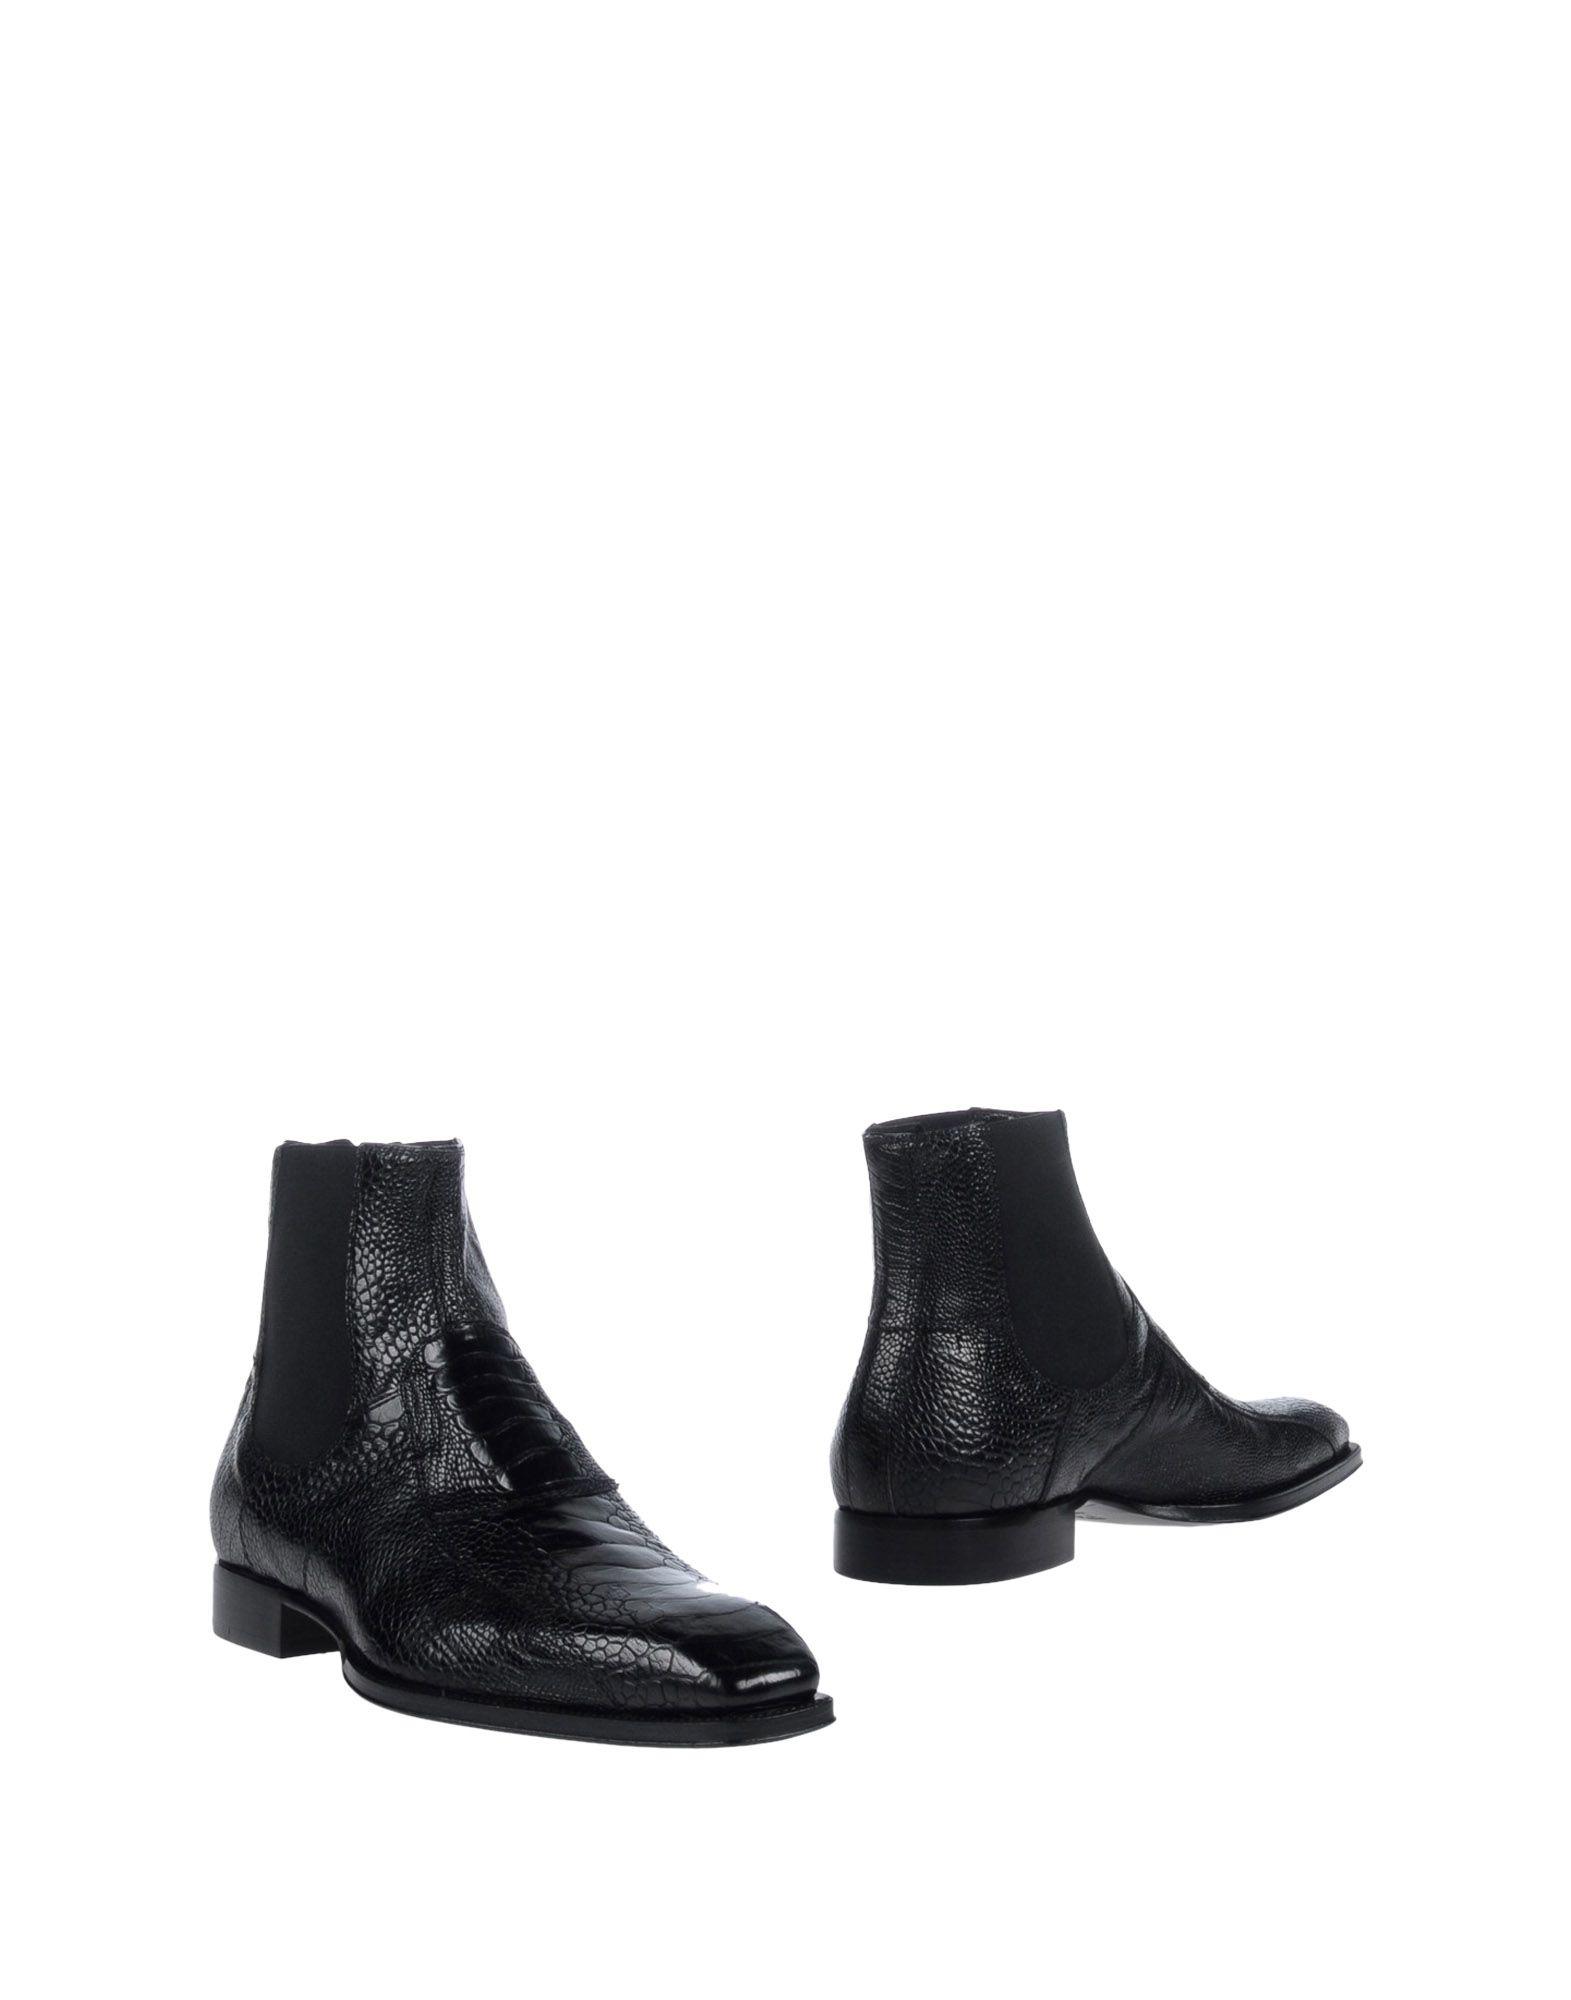 Cesare Paciotti Stiefelette Herren  Schuhe 11506586GU Gute Qualität beliebte Schuhe  c03985